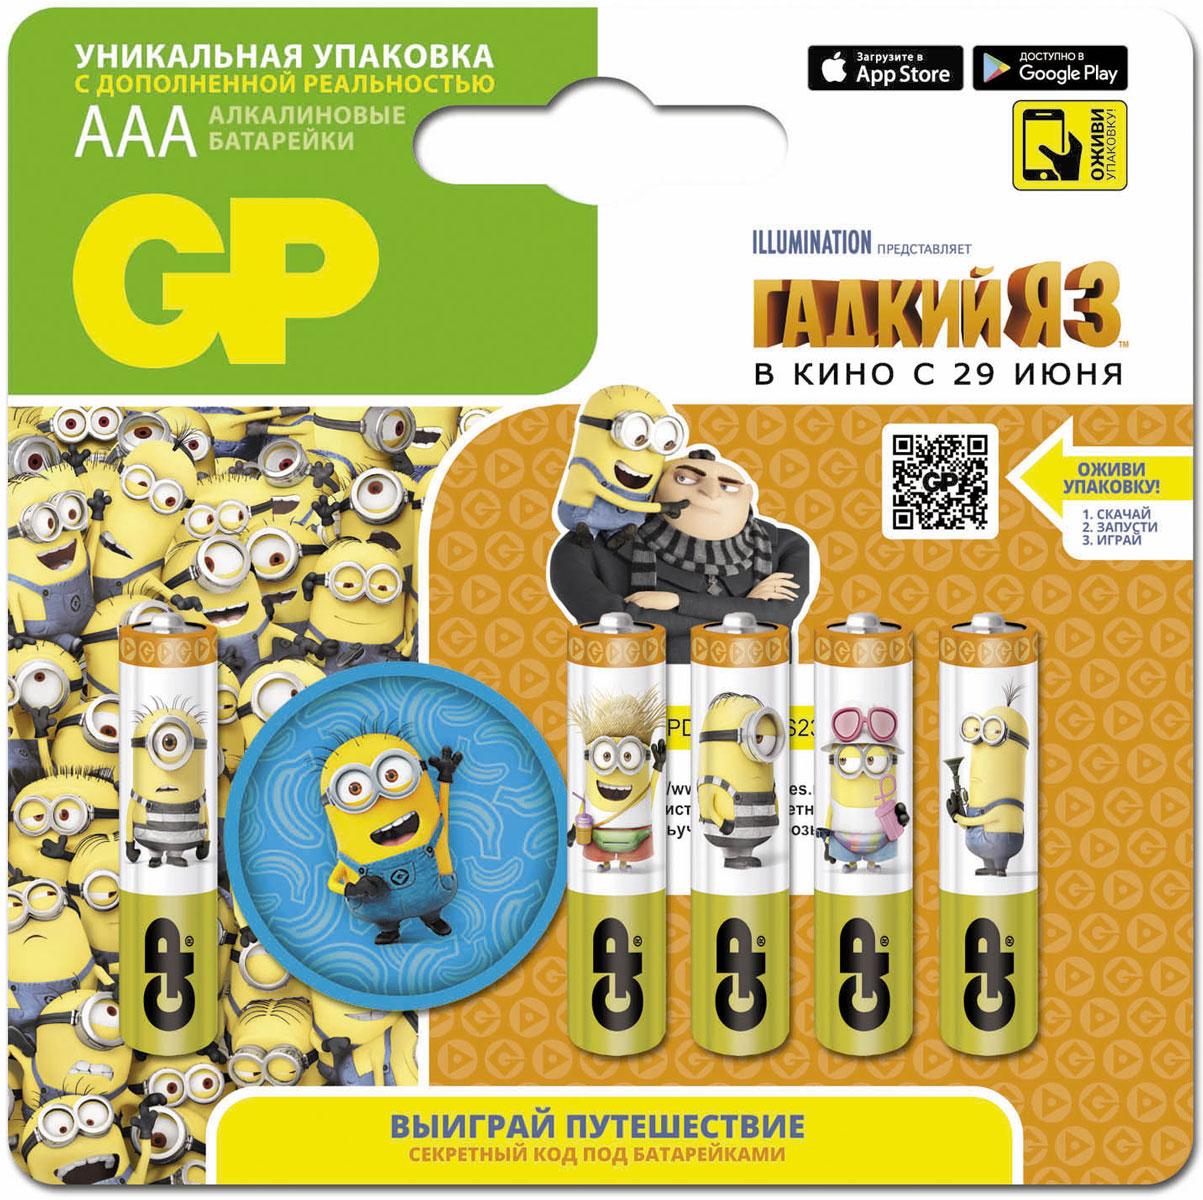 Набор алкалиновых батареек GP Batteries, тип ААА, 5 шт + Фишка Миньоны11501Набор алкалиновых батареек GP Batteries прекрасно подходит для увеличивающейся потребности в источниках питания для устройств повседневного использования. Батарейки имеют широкий спектр применения, который подходит для потребителей всех возрастов. В комплект входит фишка виртуальной реальности Миньоны. Особенности: Надежный продукт широкого спектра применения, подходящий для потребителей всех возрастов; Увеличенная продолжительность работы;Огромный ассортимент типоразмеров;Длительный срок хранения (до 7 лет).